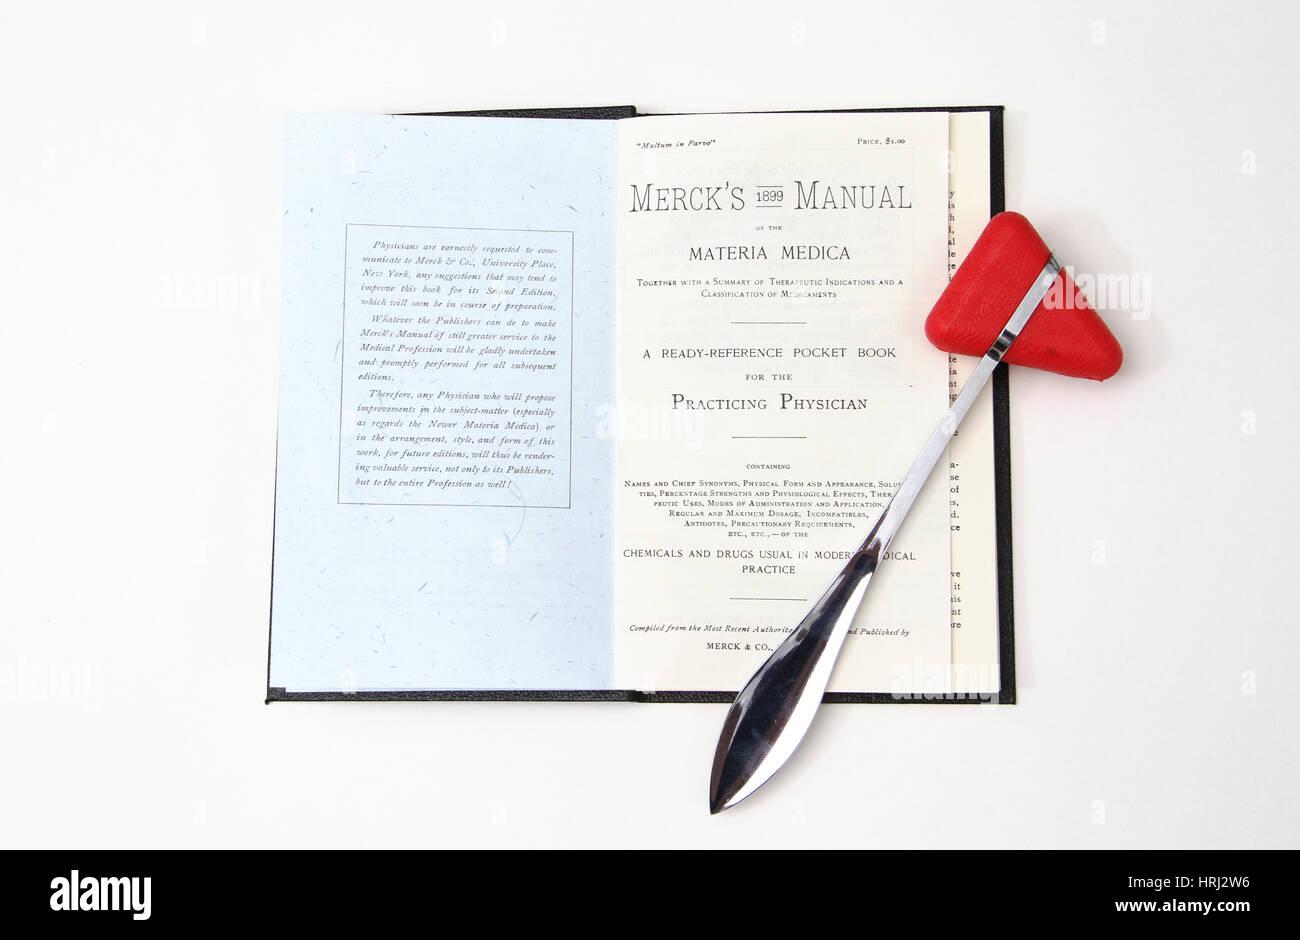 1899 Merck's Manual and Medical Equipment